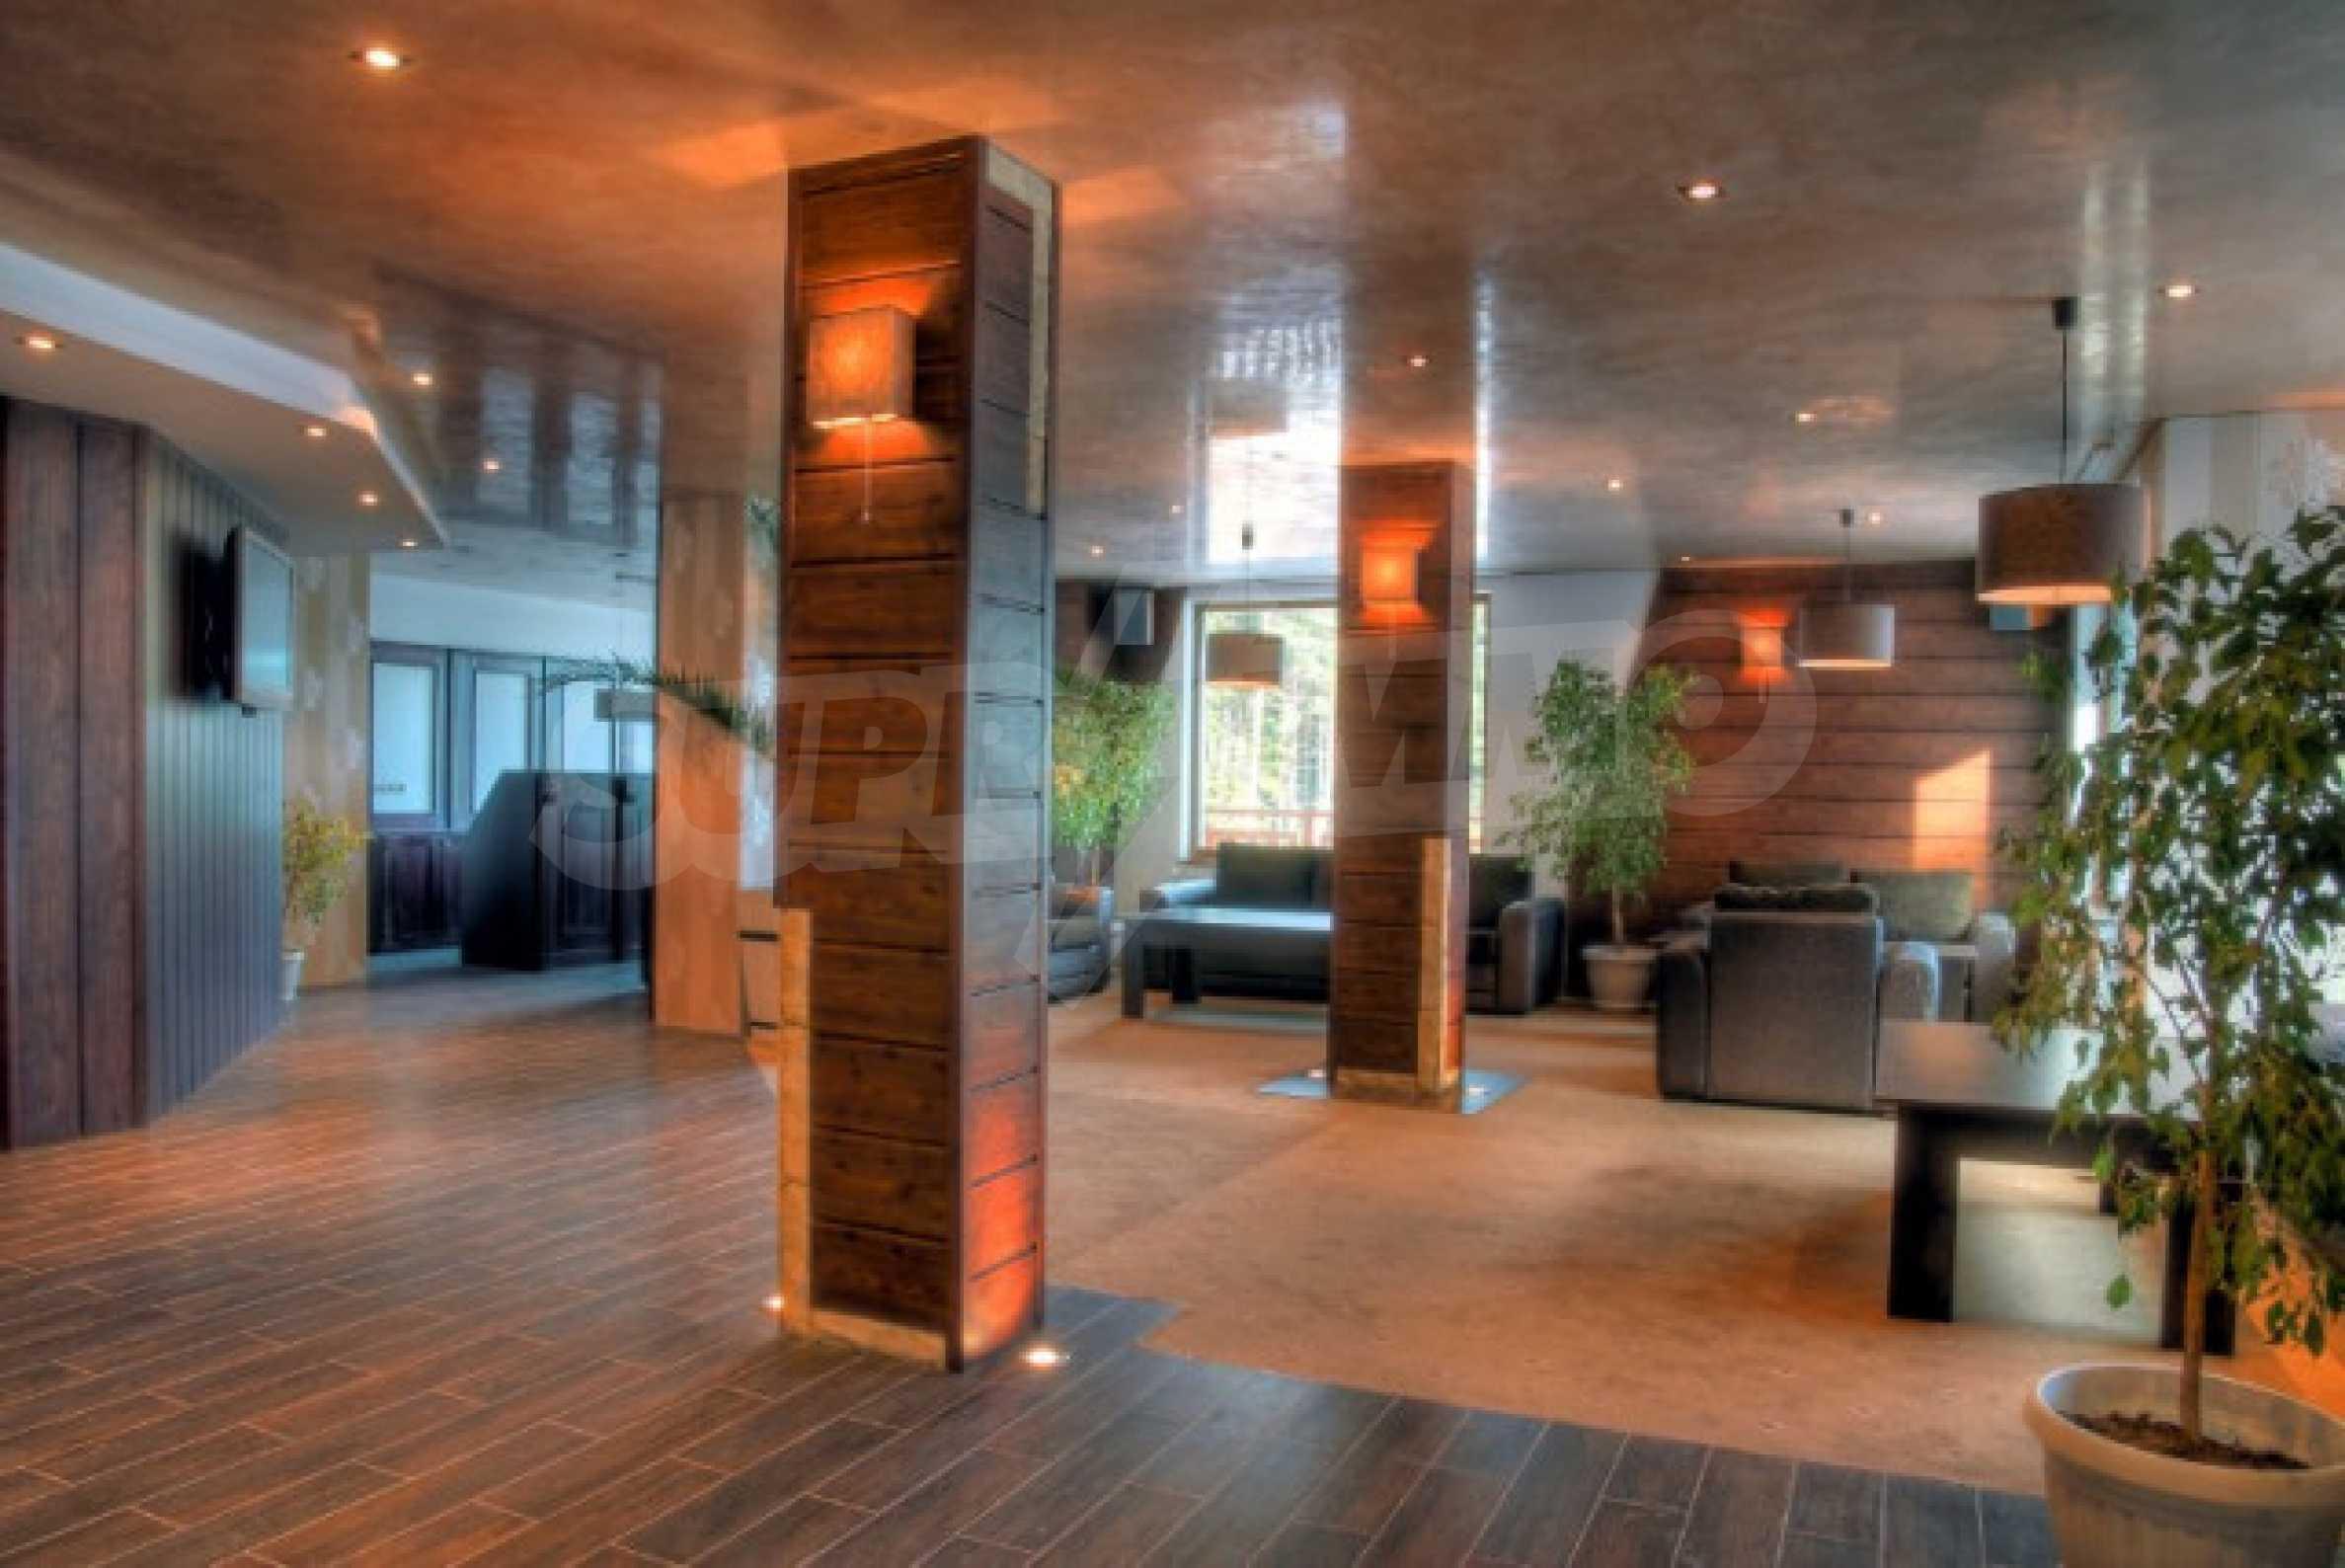 Апартаменти на атрактивни цени в планински ваканционен комплекс в Пампорово 7